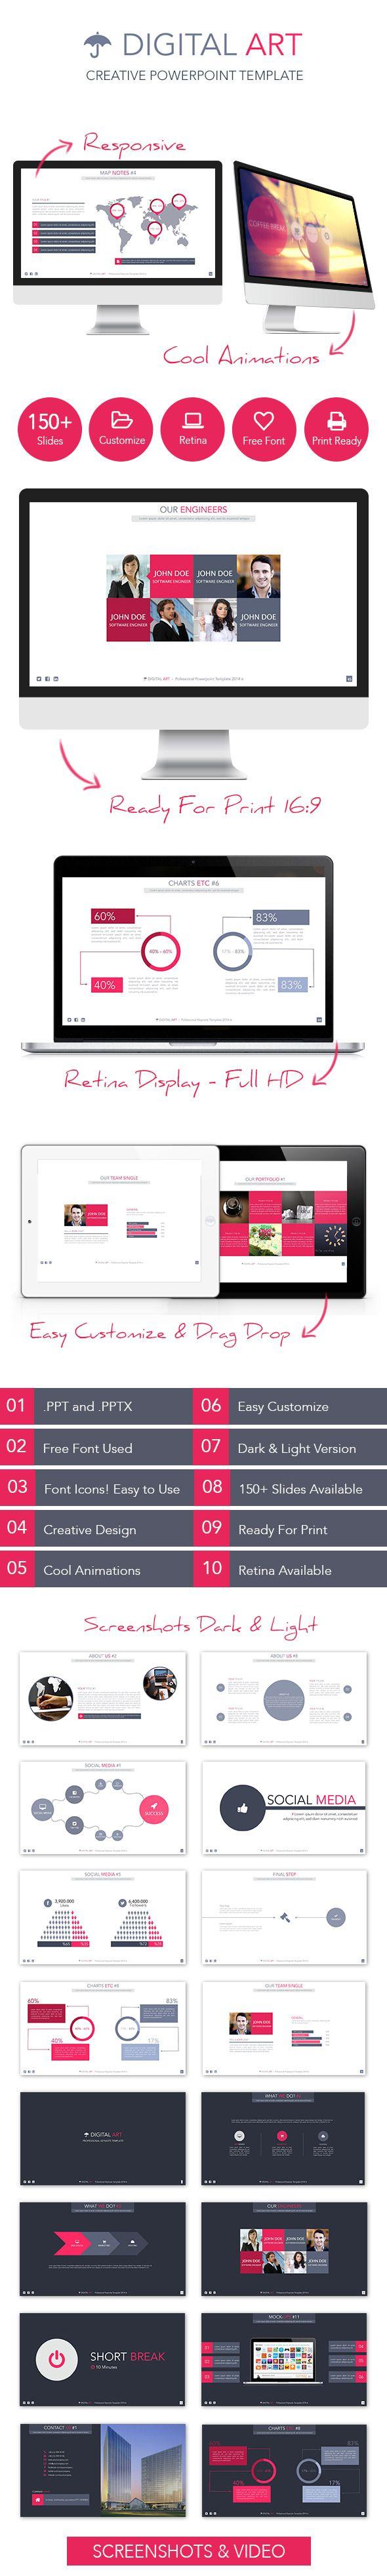 Digital Art - Creative Powerpoint Template - Creative PowerPoint Templates